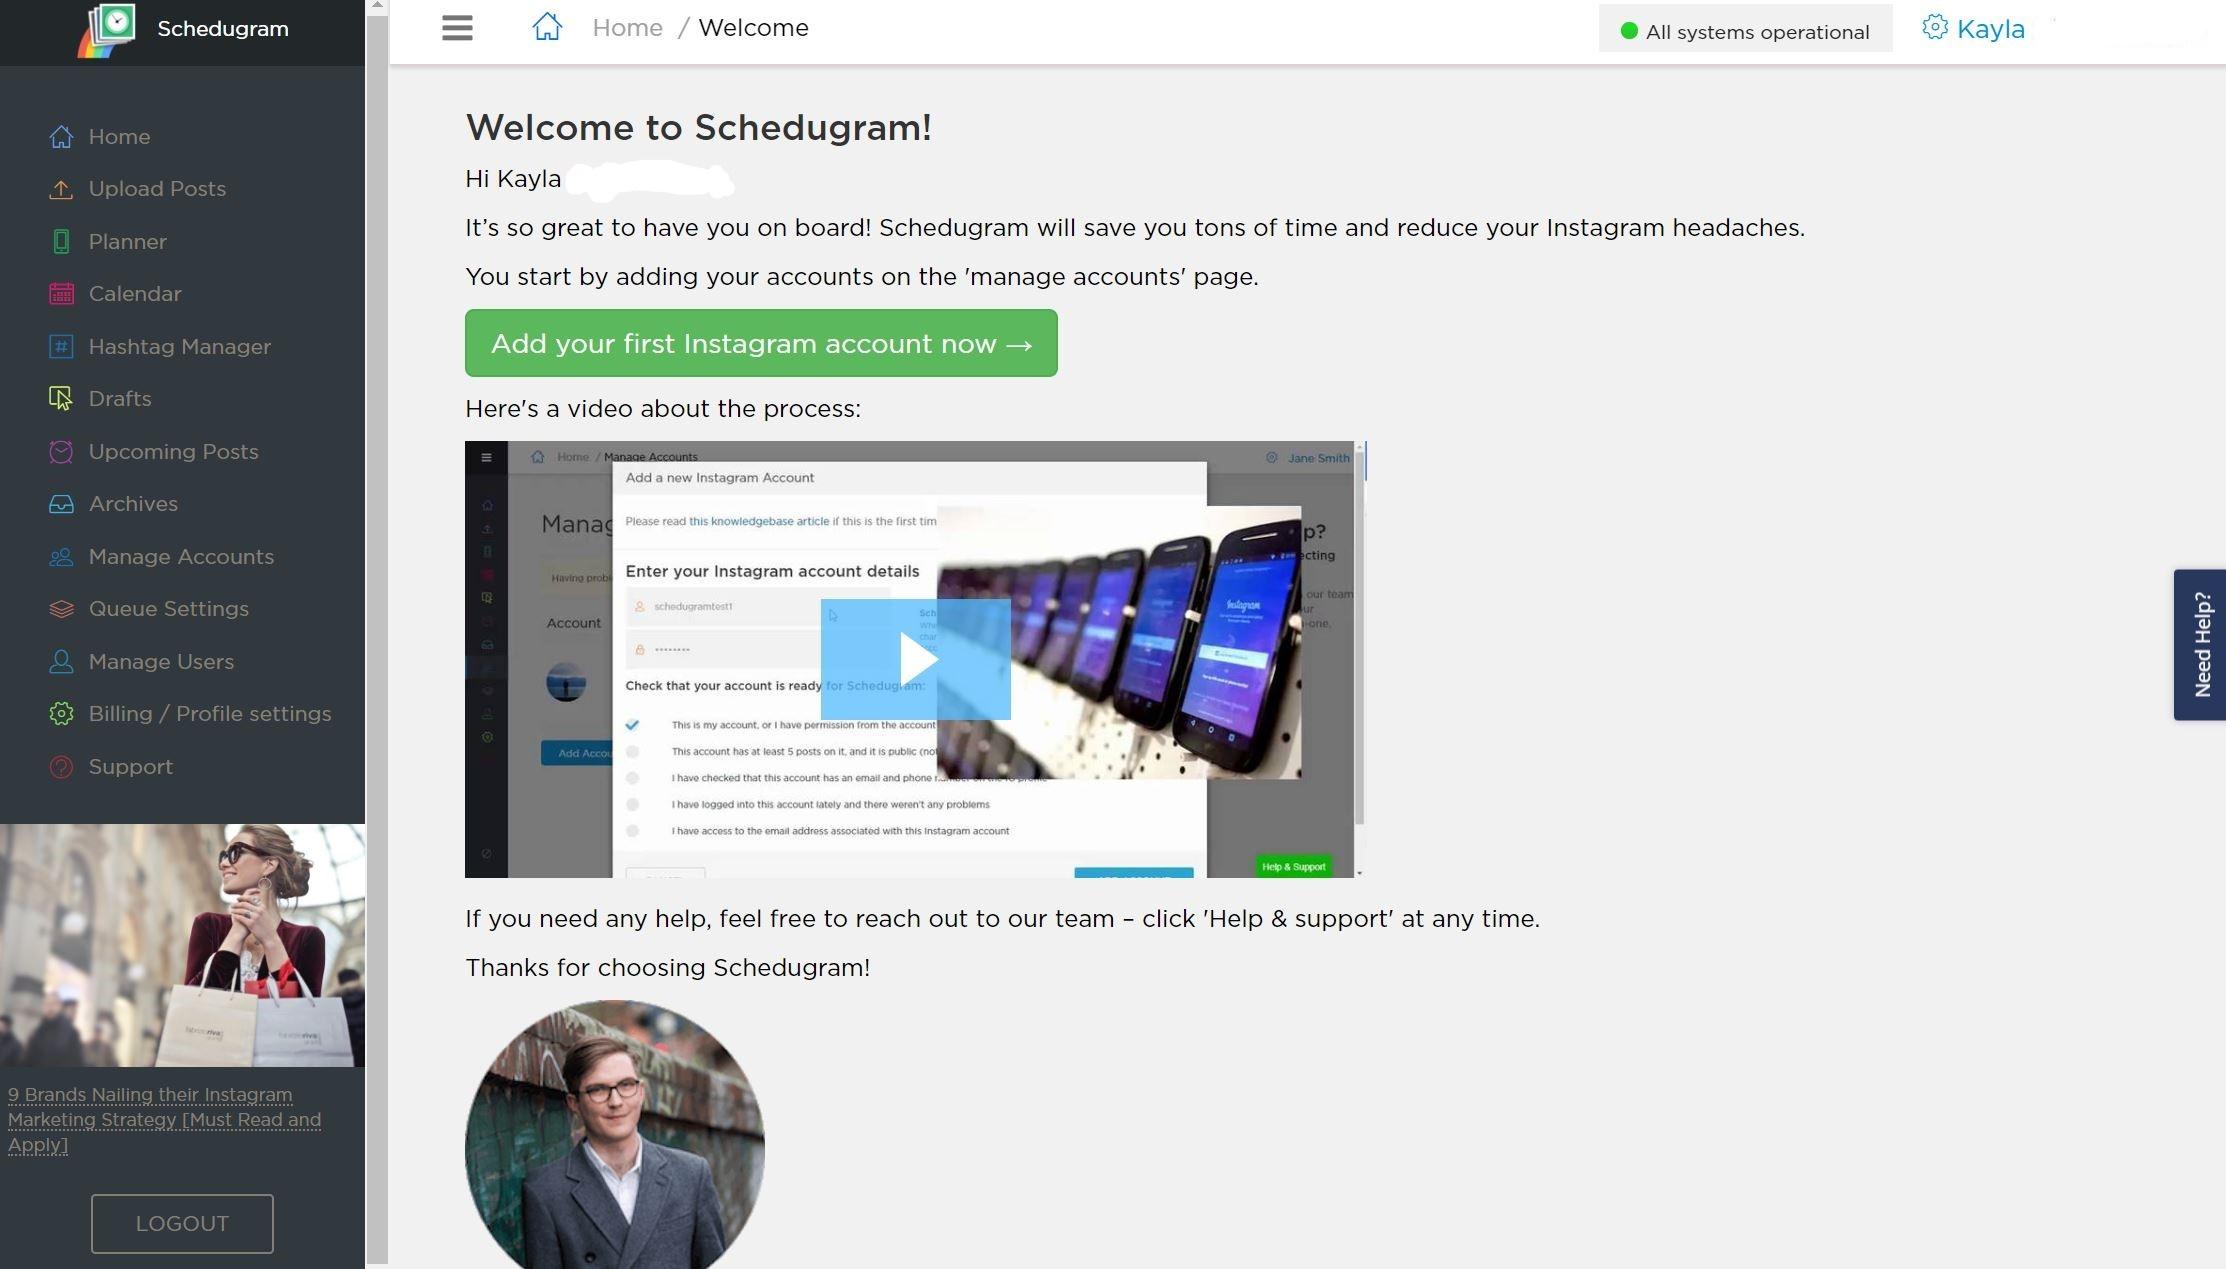 Schedugram page